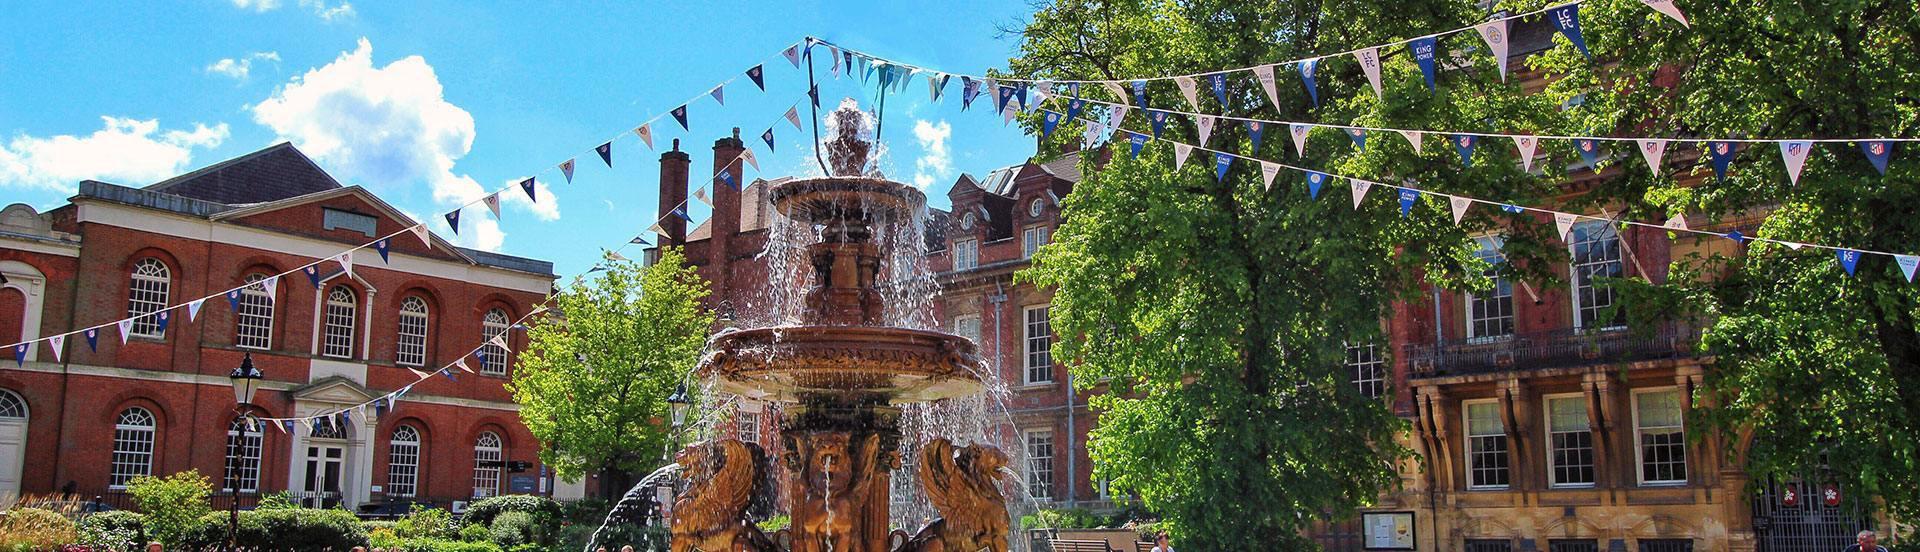 Rich & Carr Fountain